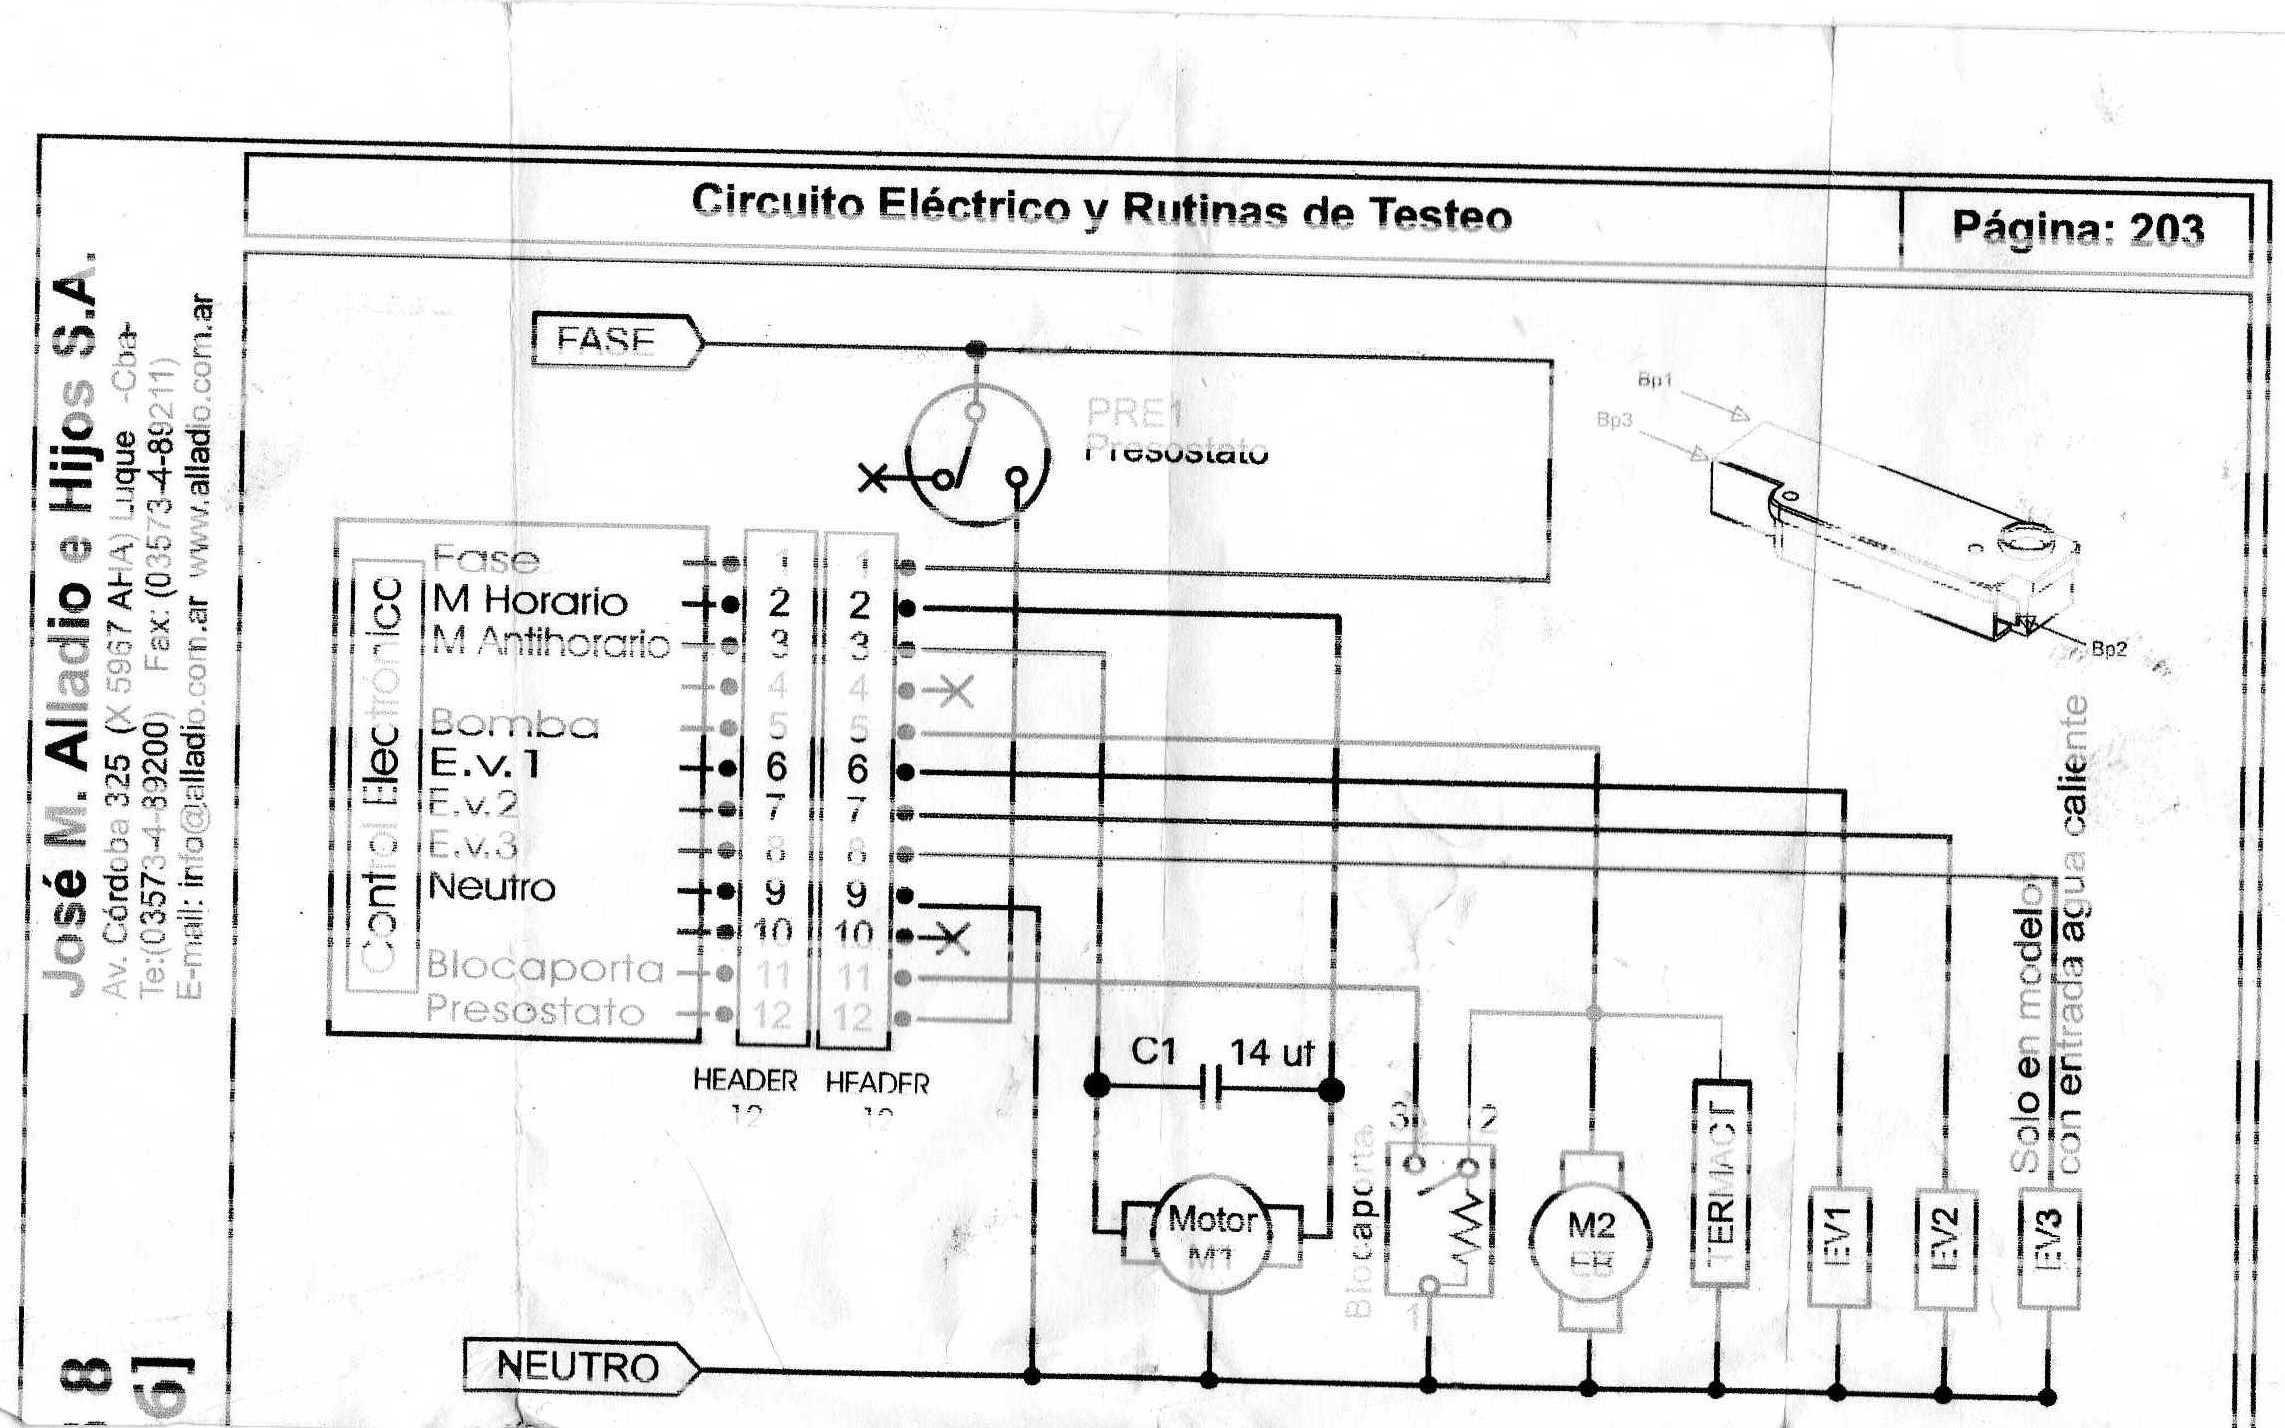 Circuito Electrico : V coche circuito eléctrico probador volt power scan avomet